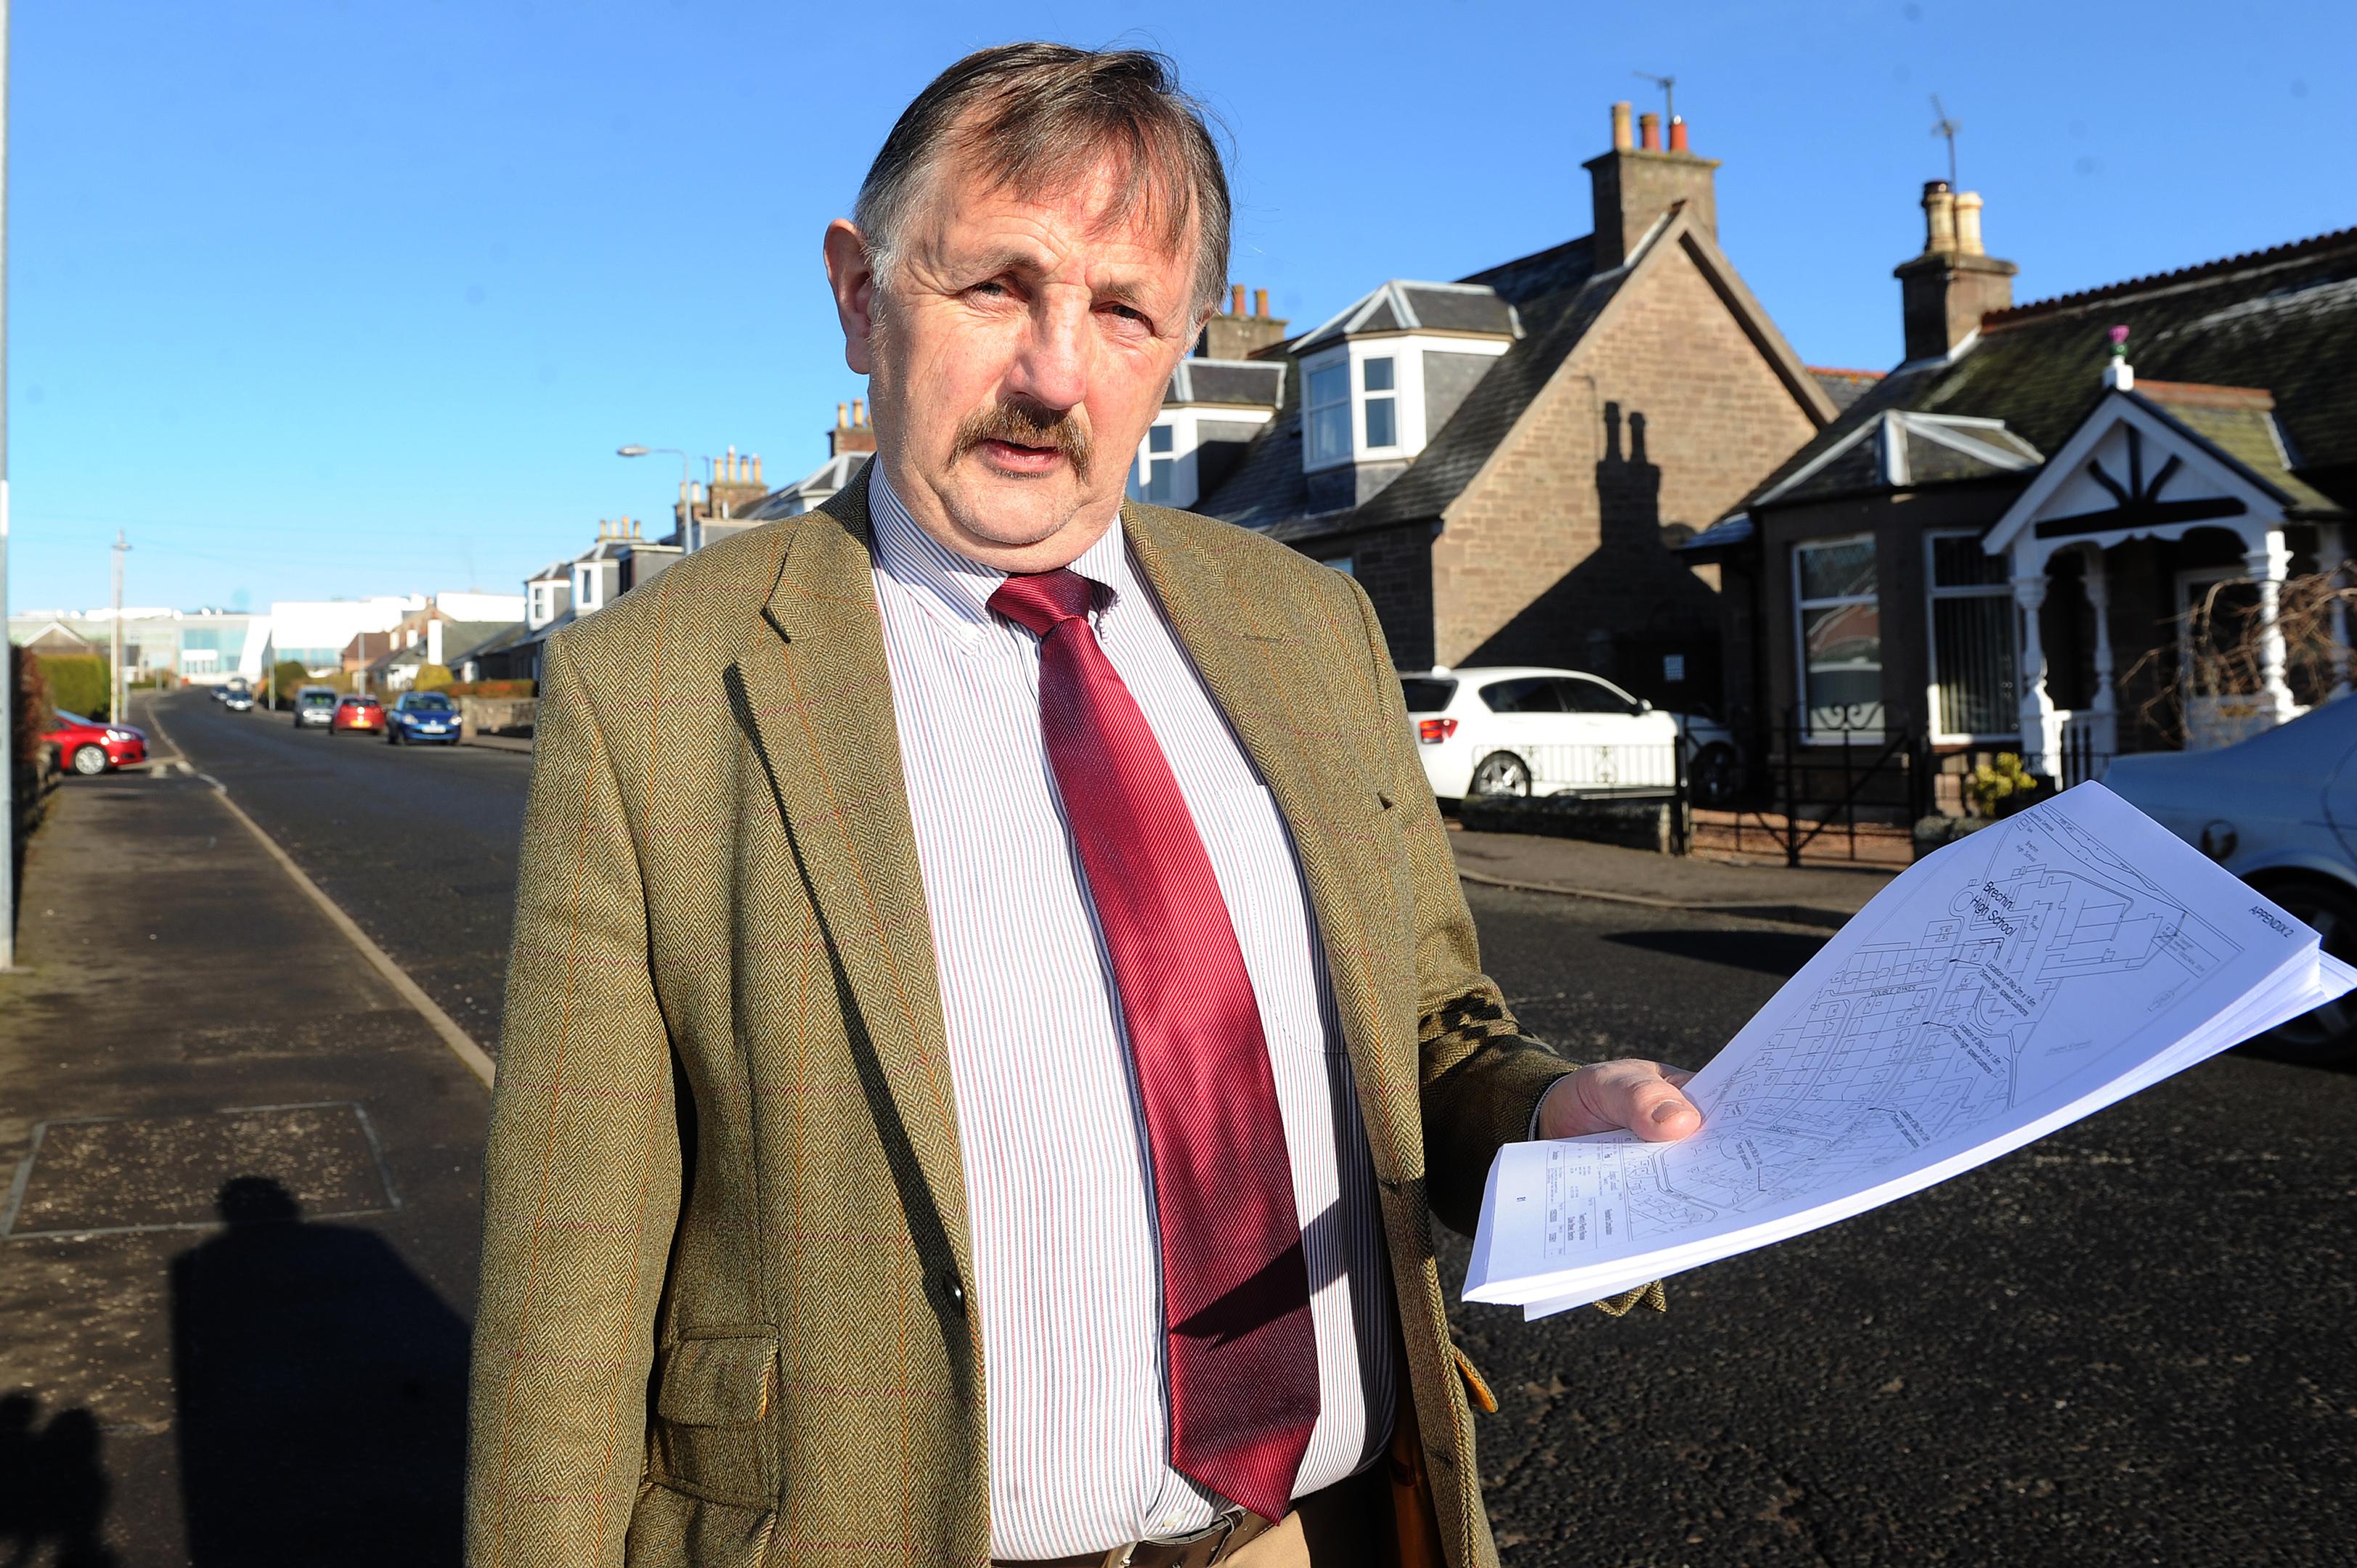 Councillor Bob Myles